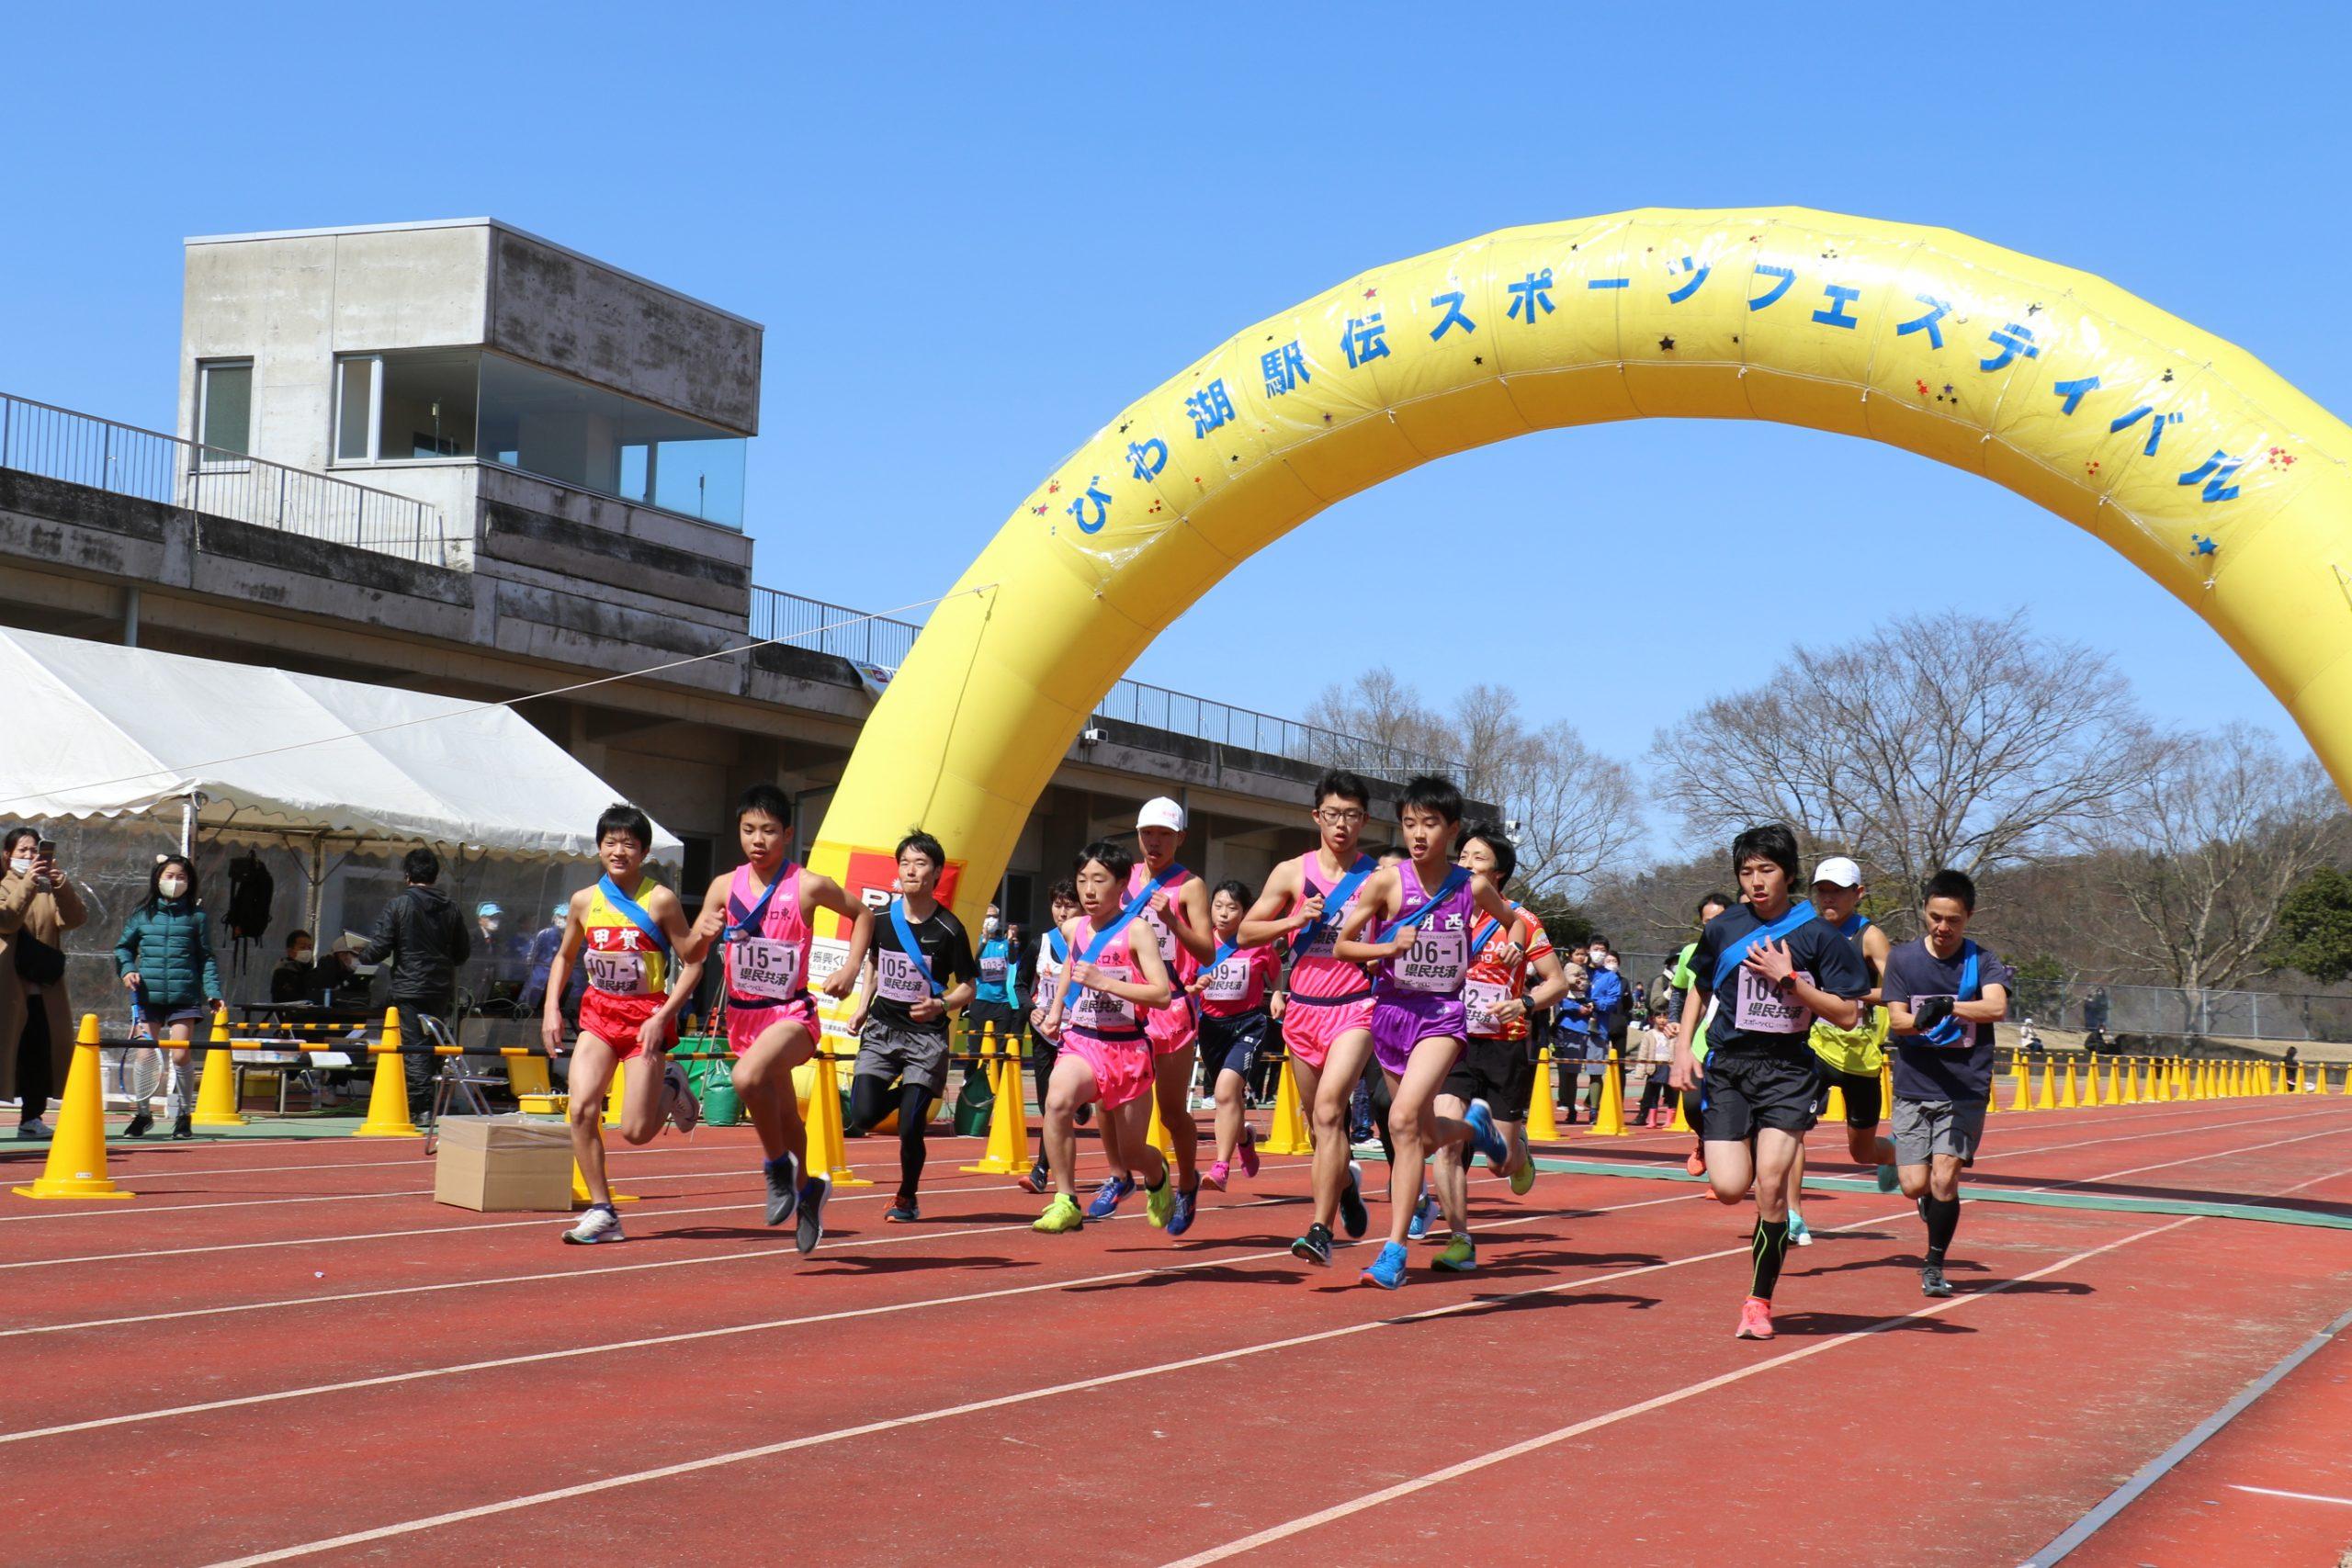 「びわ湖駅伝スポーツフェスティバル2021」の開催延期について(お知らせ)